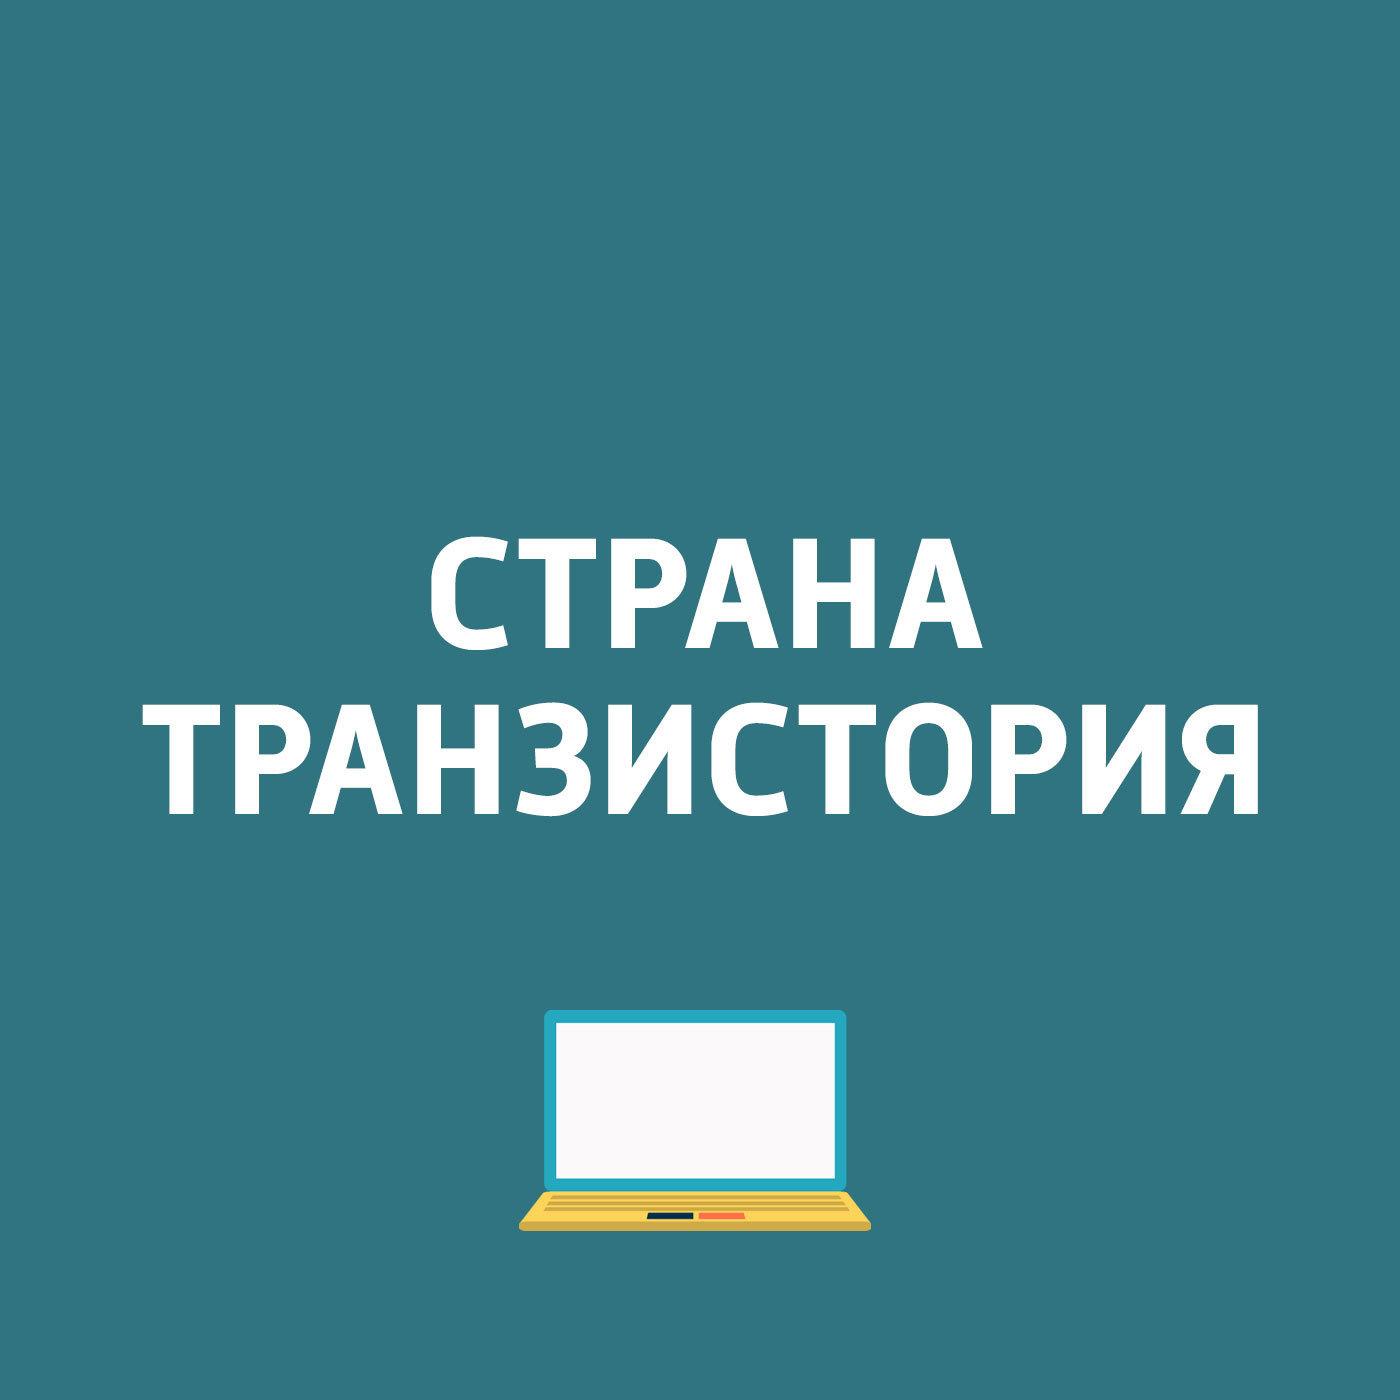 Картаев Павел Archos объявила о старте продаж планшета 70c Neon в России картаев павел павел картаев о поездке по алтаю